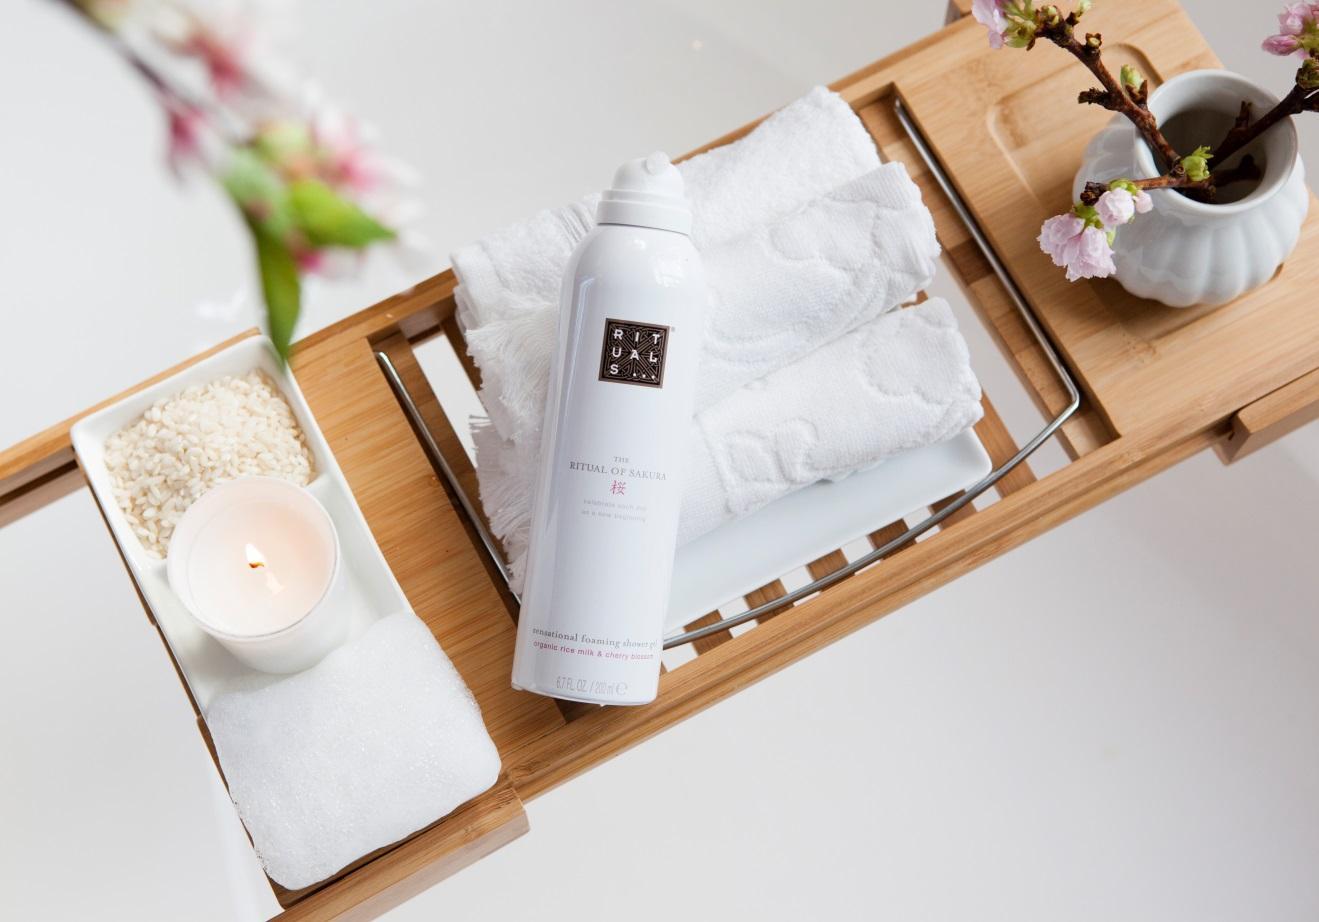 10 rituels adopter pour faire une pause dans son quotidien elle. Black Bedroom Furniture Sets. Home Design Ideas